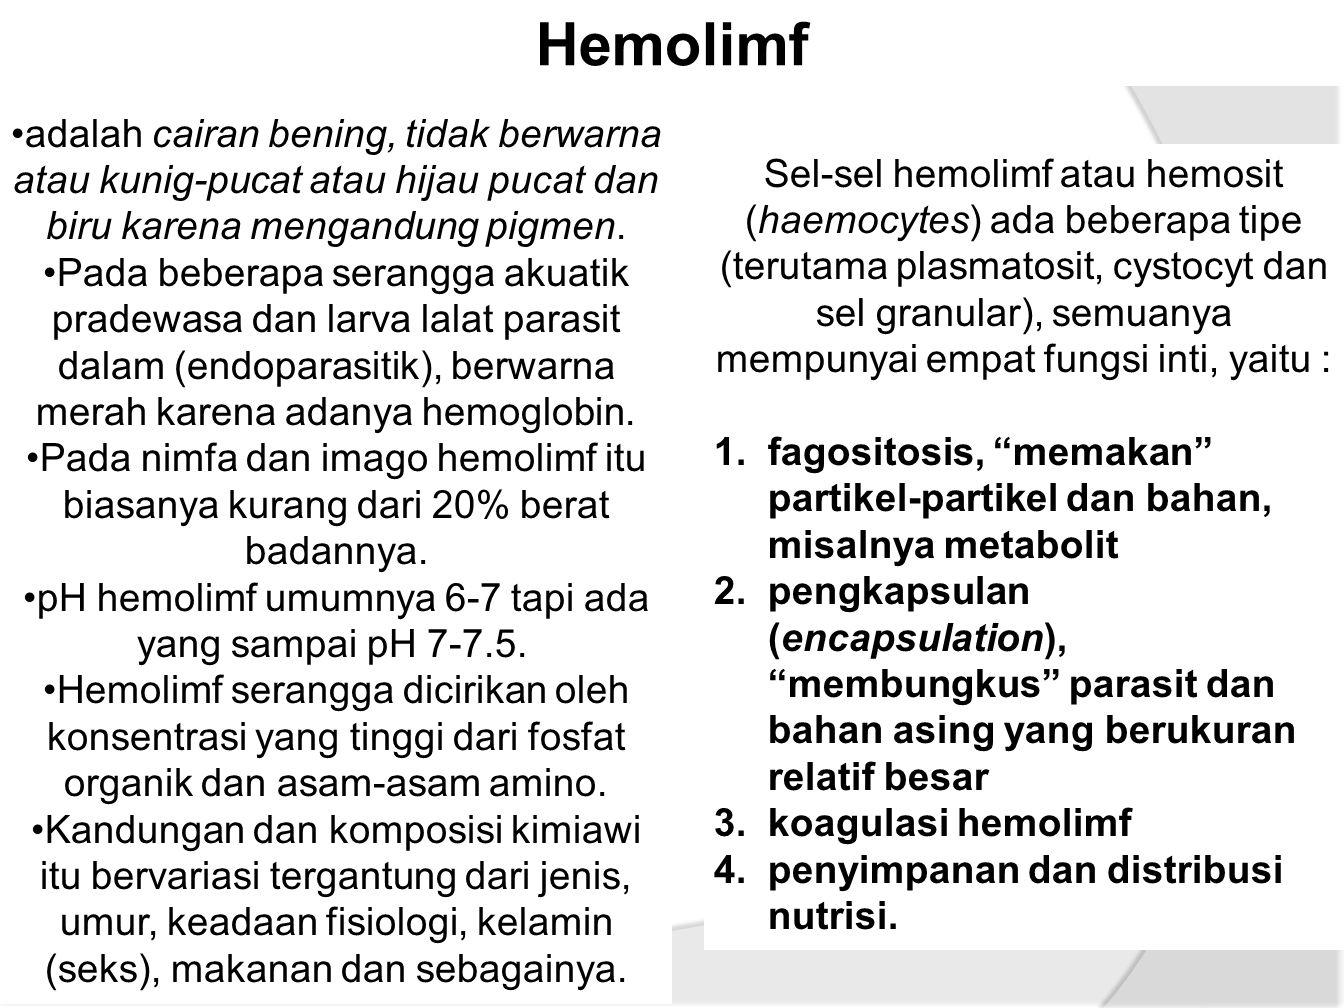 Hemolimf adalah cairan bening, tidak berwarna atau kunig-pucat atau hijau pucat dan biru karena mengandung pigmen.